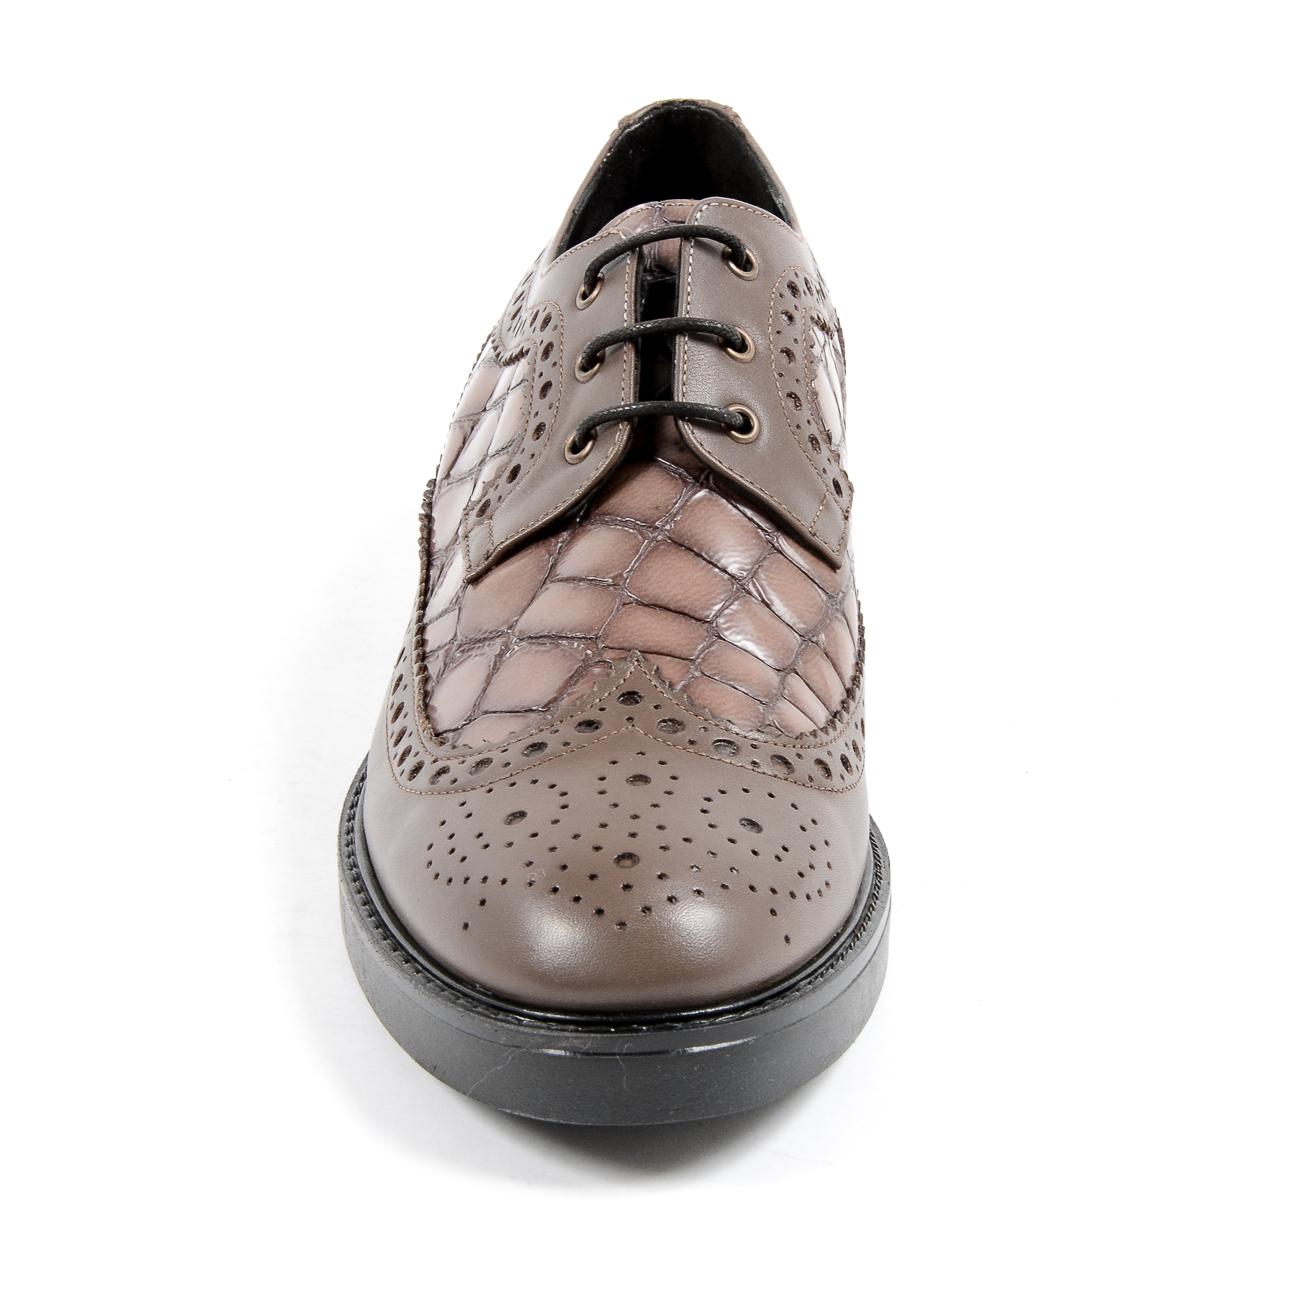 V 1969 Italia Womens Brogue Shoe Taupe TRENTO